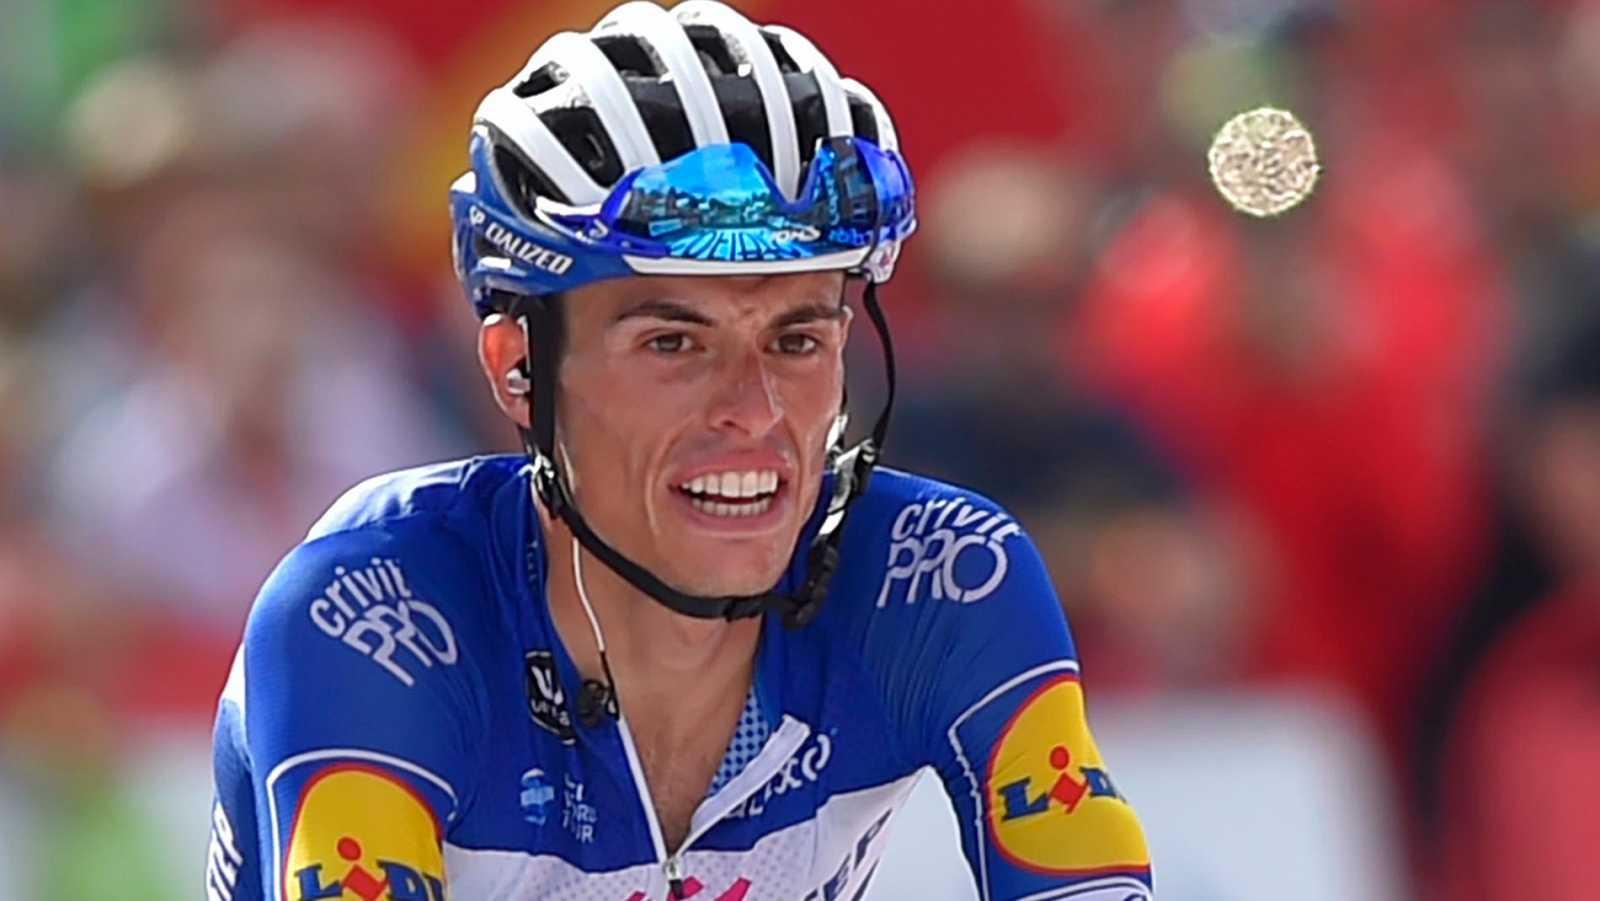 Enric Mas, el ciclista español de apenas 24 años debuta en el Tour de Francia